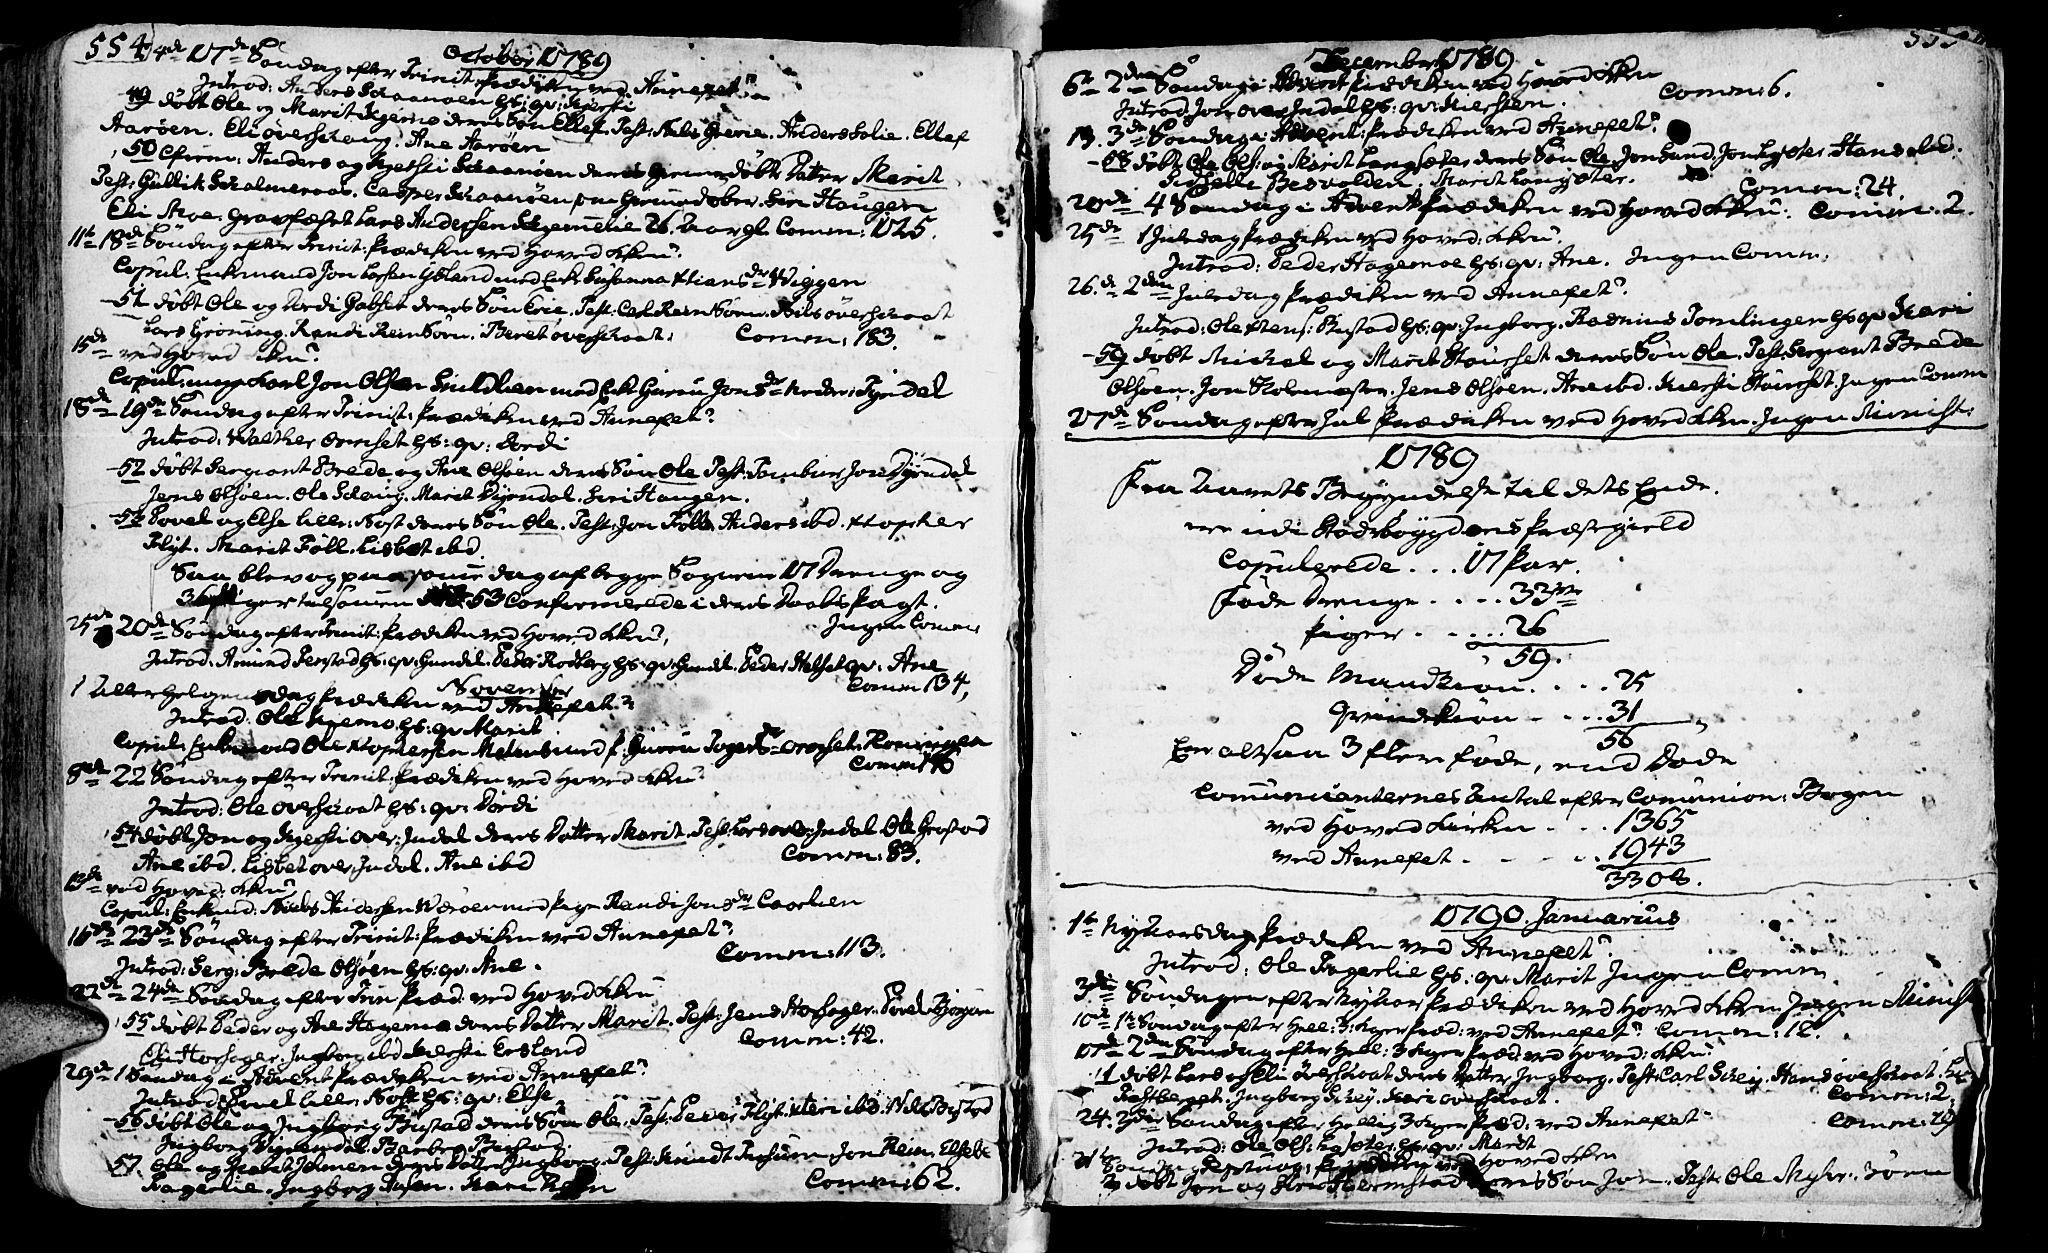 SAT, Ministerialprotokoller, klokkerbøker og fødselsregistre - Sør-Trøndelag, 646/L0605: Ministerialbok nr. 646A03, 1751-1790, s. 554-555